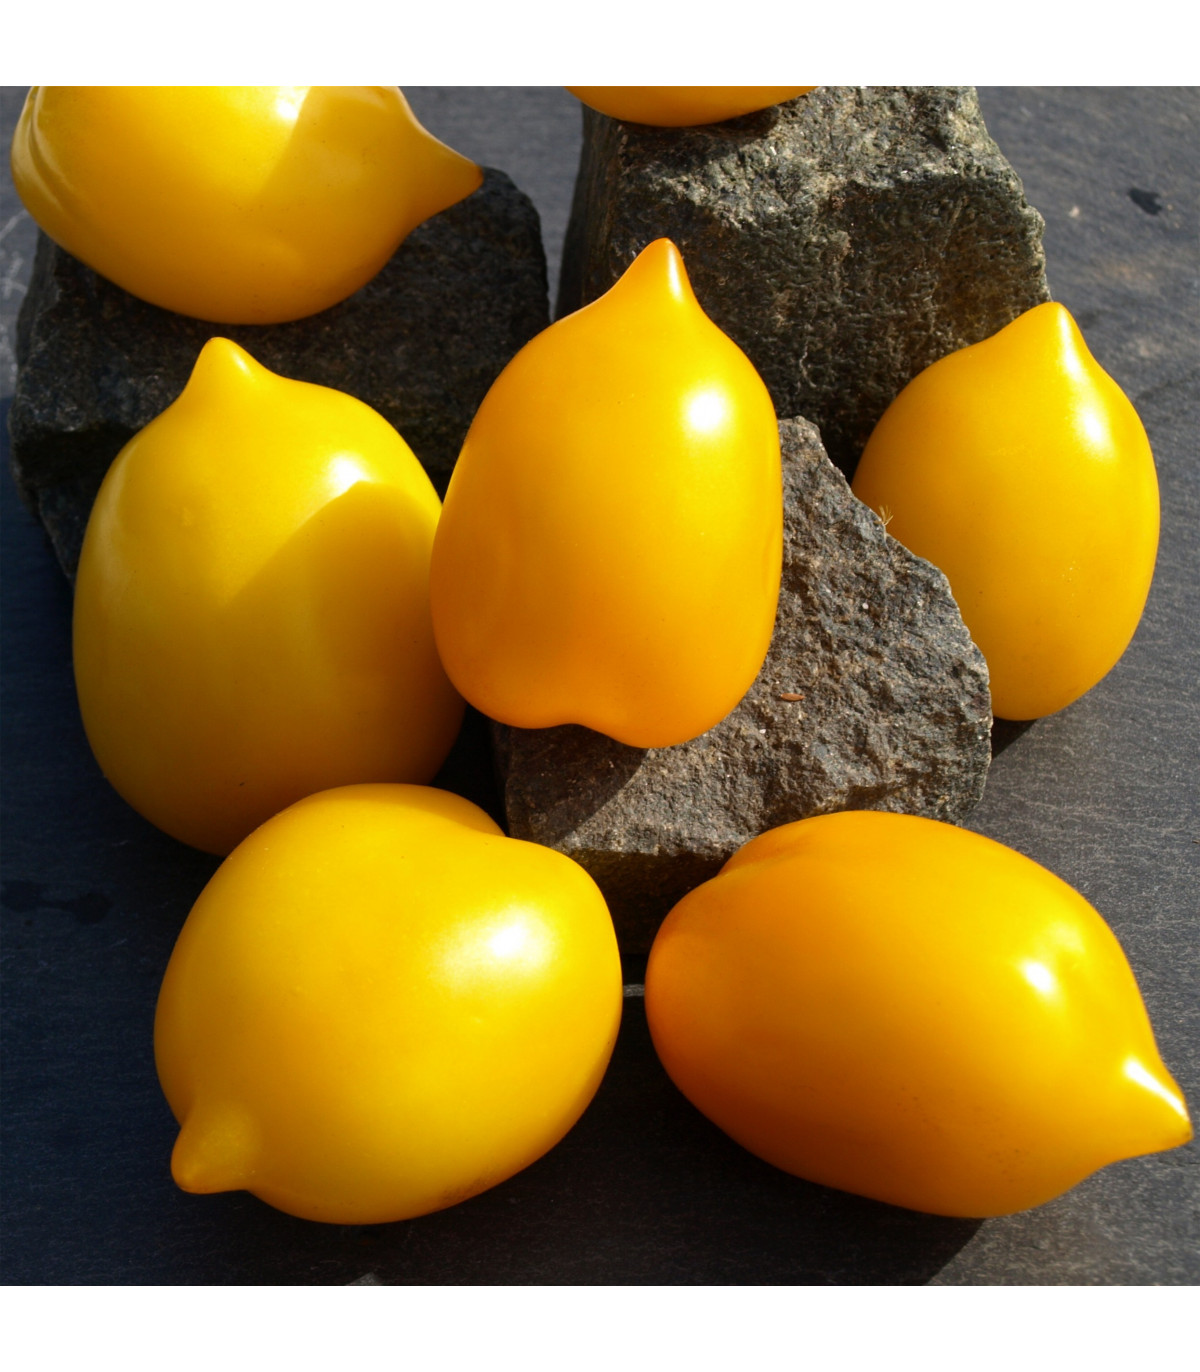 Paradajka Lemon Plum - tyčková paradajka - Lycopersicon lycopersicum L. - predaj semien paradajok - 6 ks